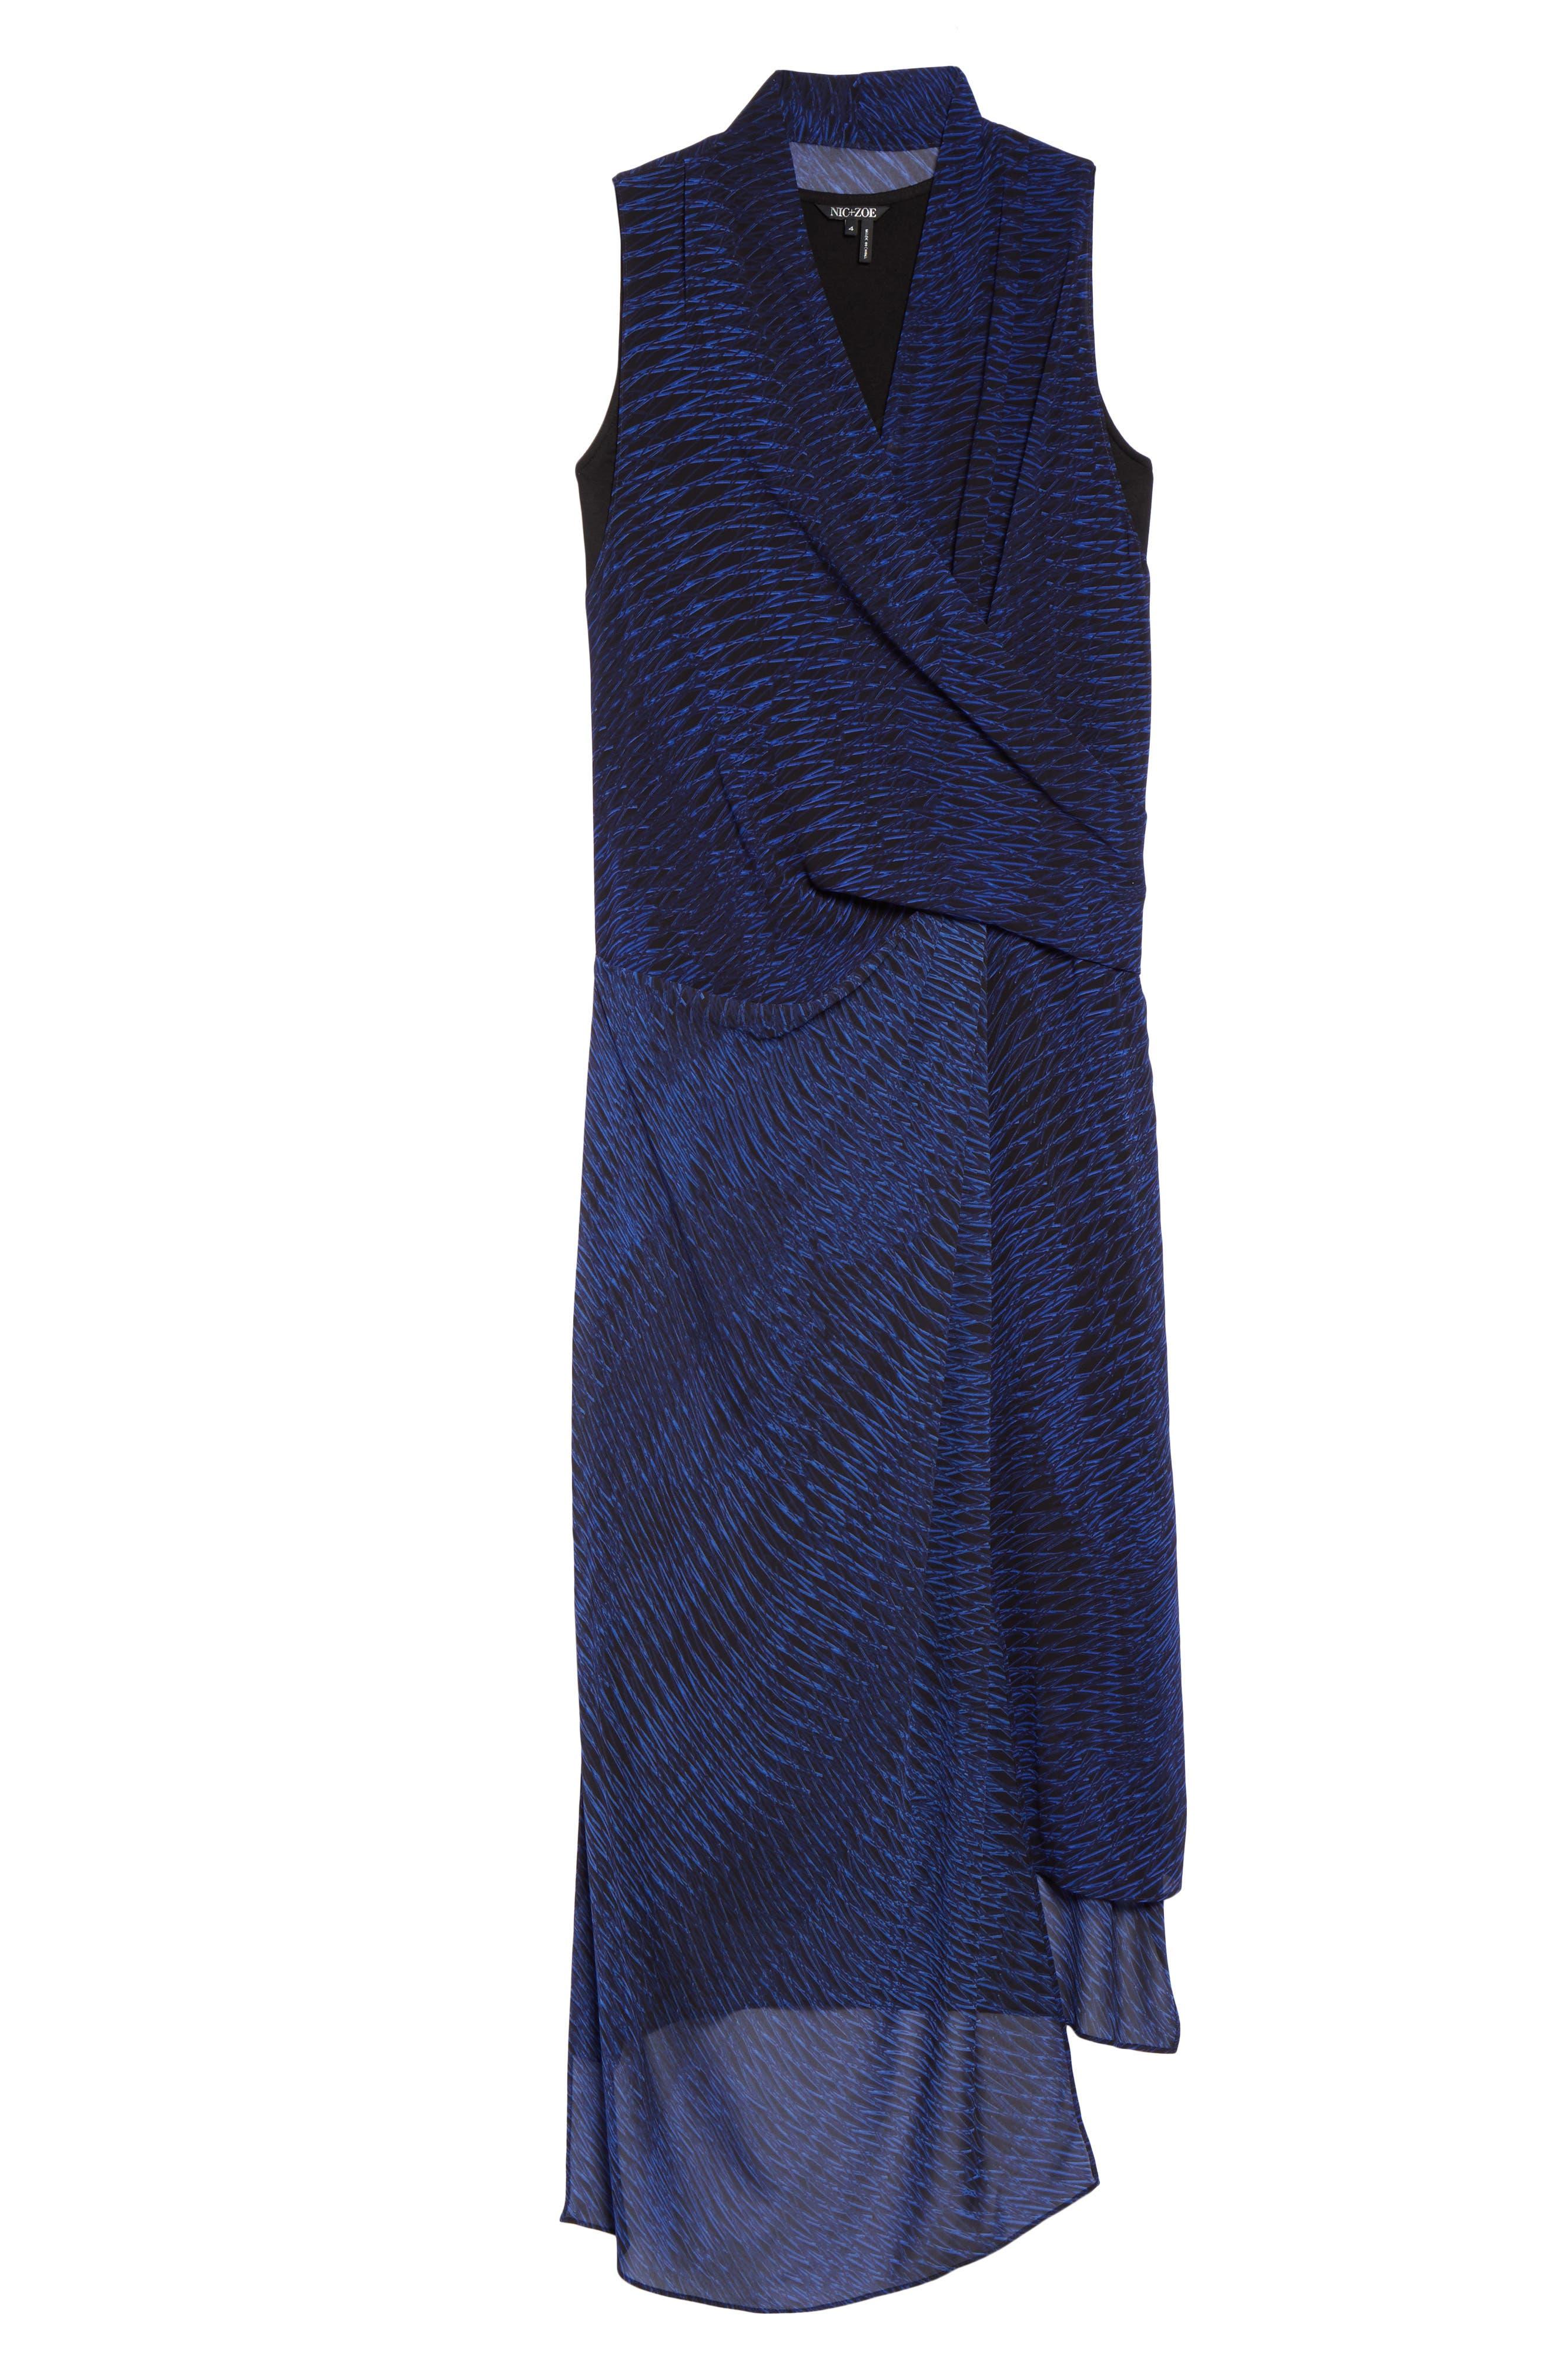 Blue Streaks Midi Dress,                             Alternate thumbnail 6, color,                             Blue Roma